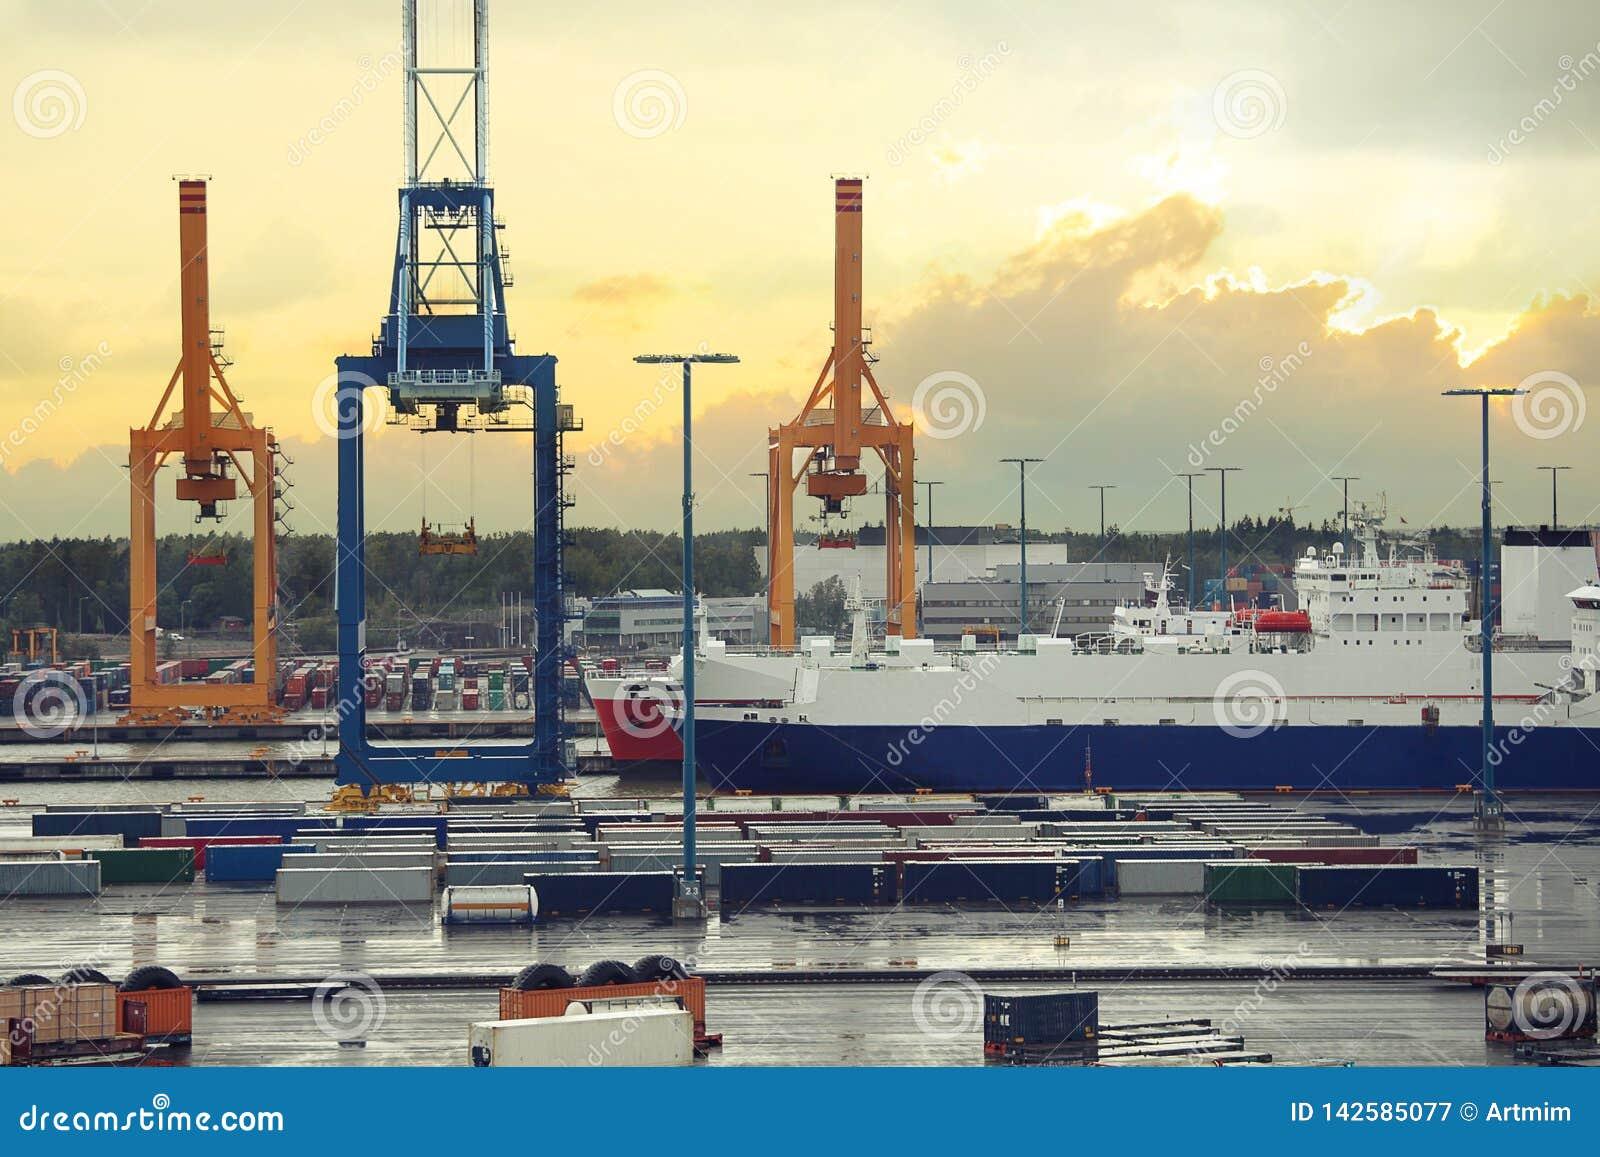 Λιμένας φορτίου στο Ελσίνκι Λιμενικοί γερανοί στο λιμένα φορτίου θάλασσας με το σκάφος Ελσίνκι, Φινλανδία